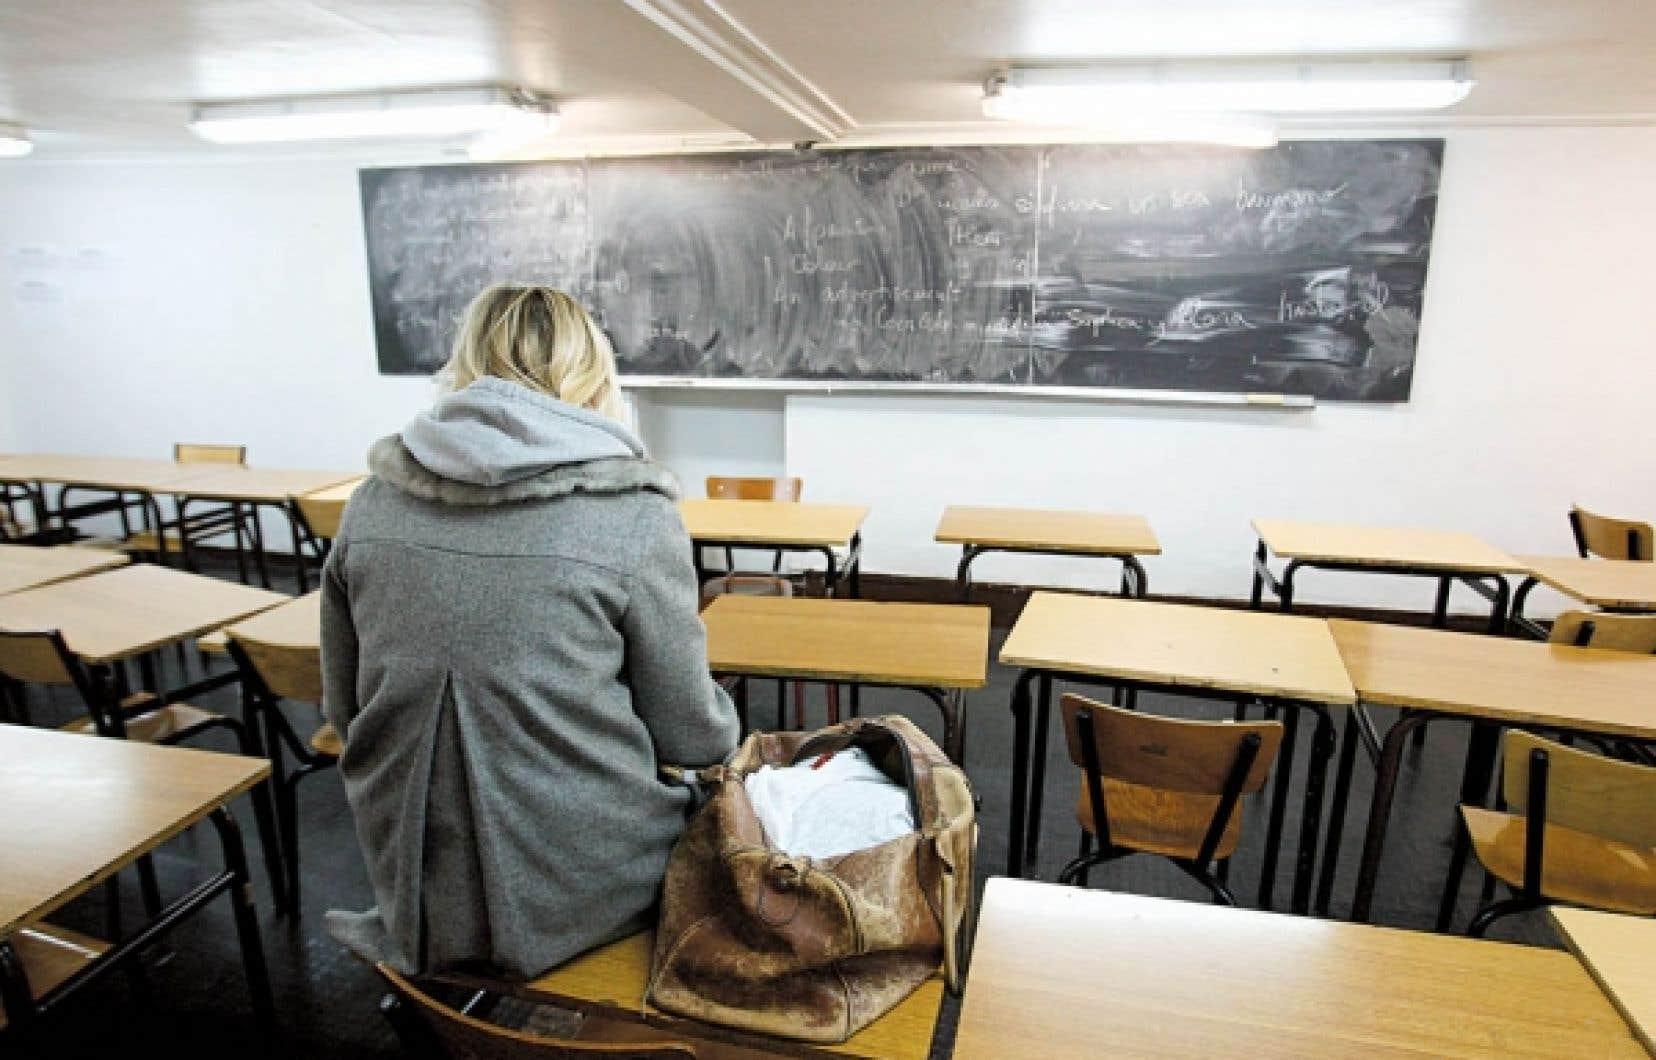 Les instigateurs du manifeste déplorent le trop grand accent mis sur l'approche pédagogique à appliquer depuis la rentrée en septembre de la première cohorte d'étudiants 100 % réforme. <br />